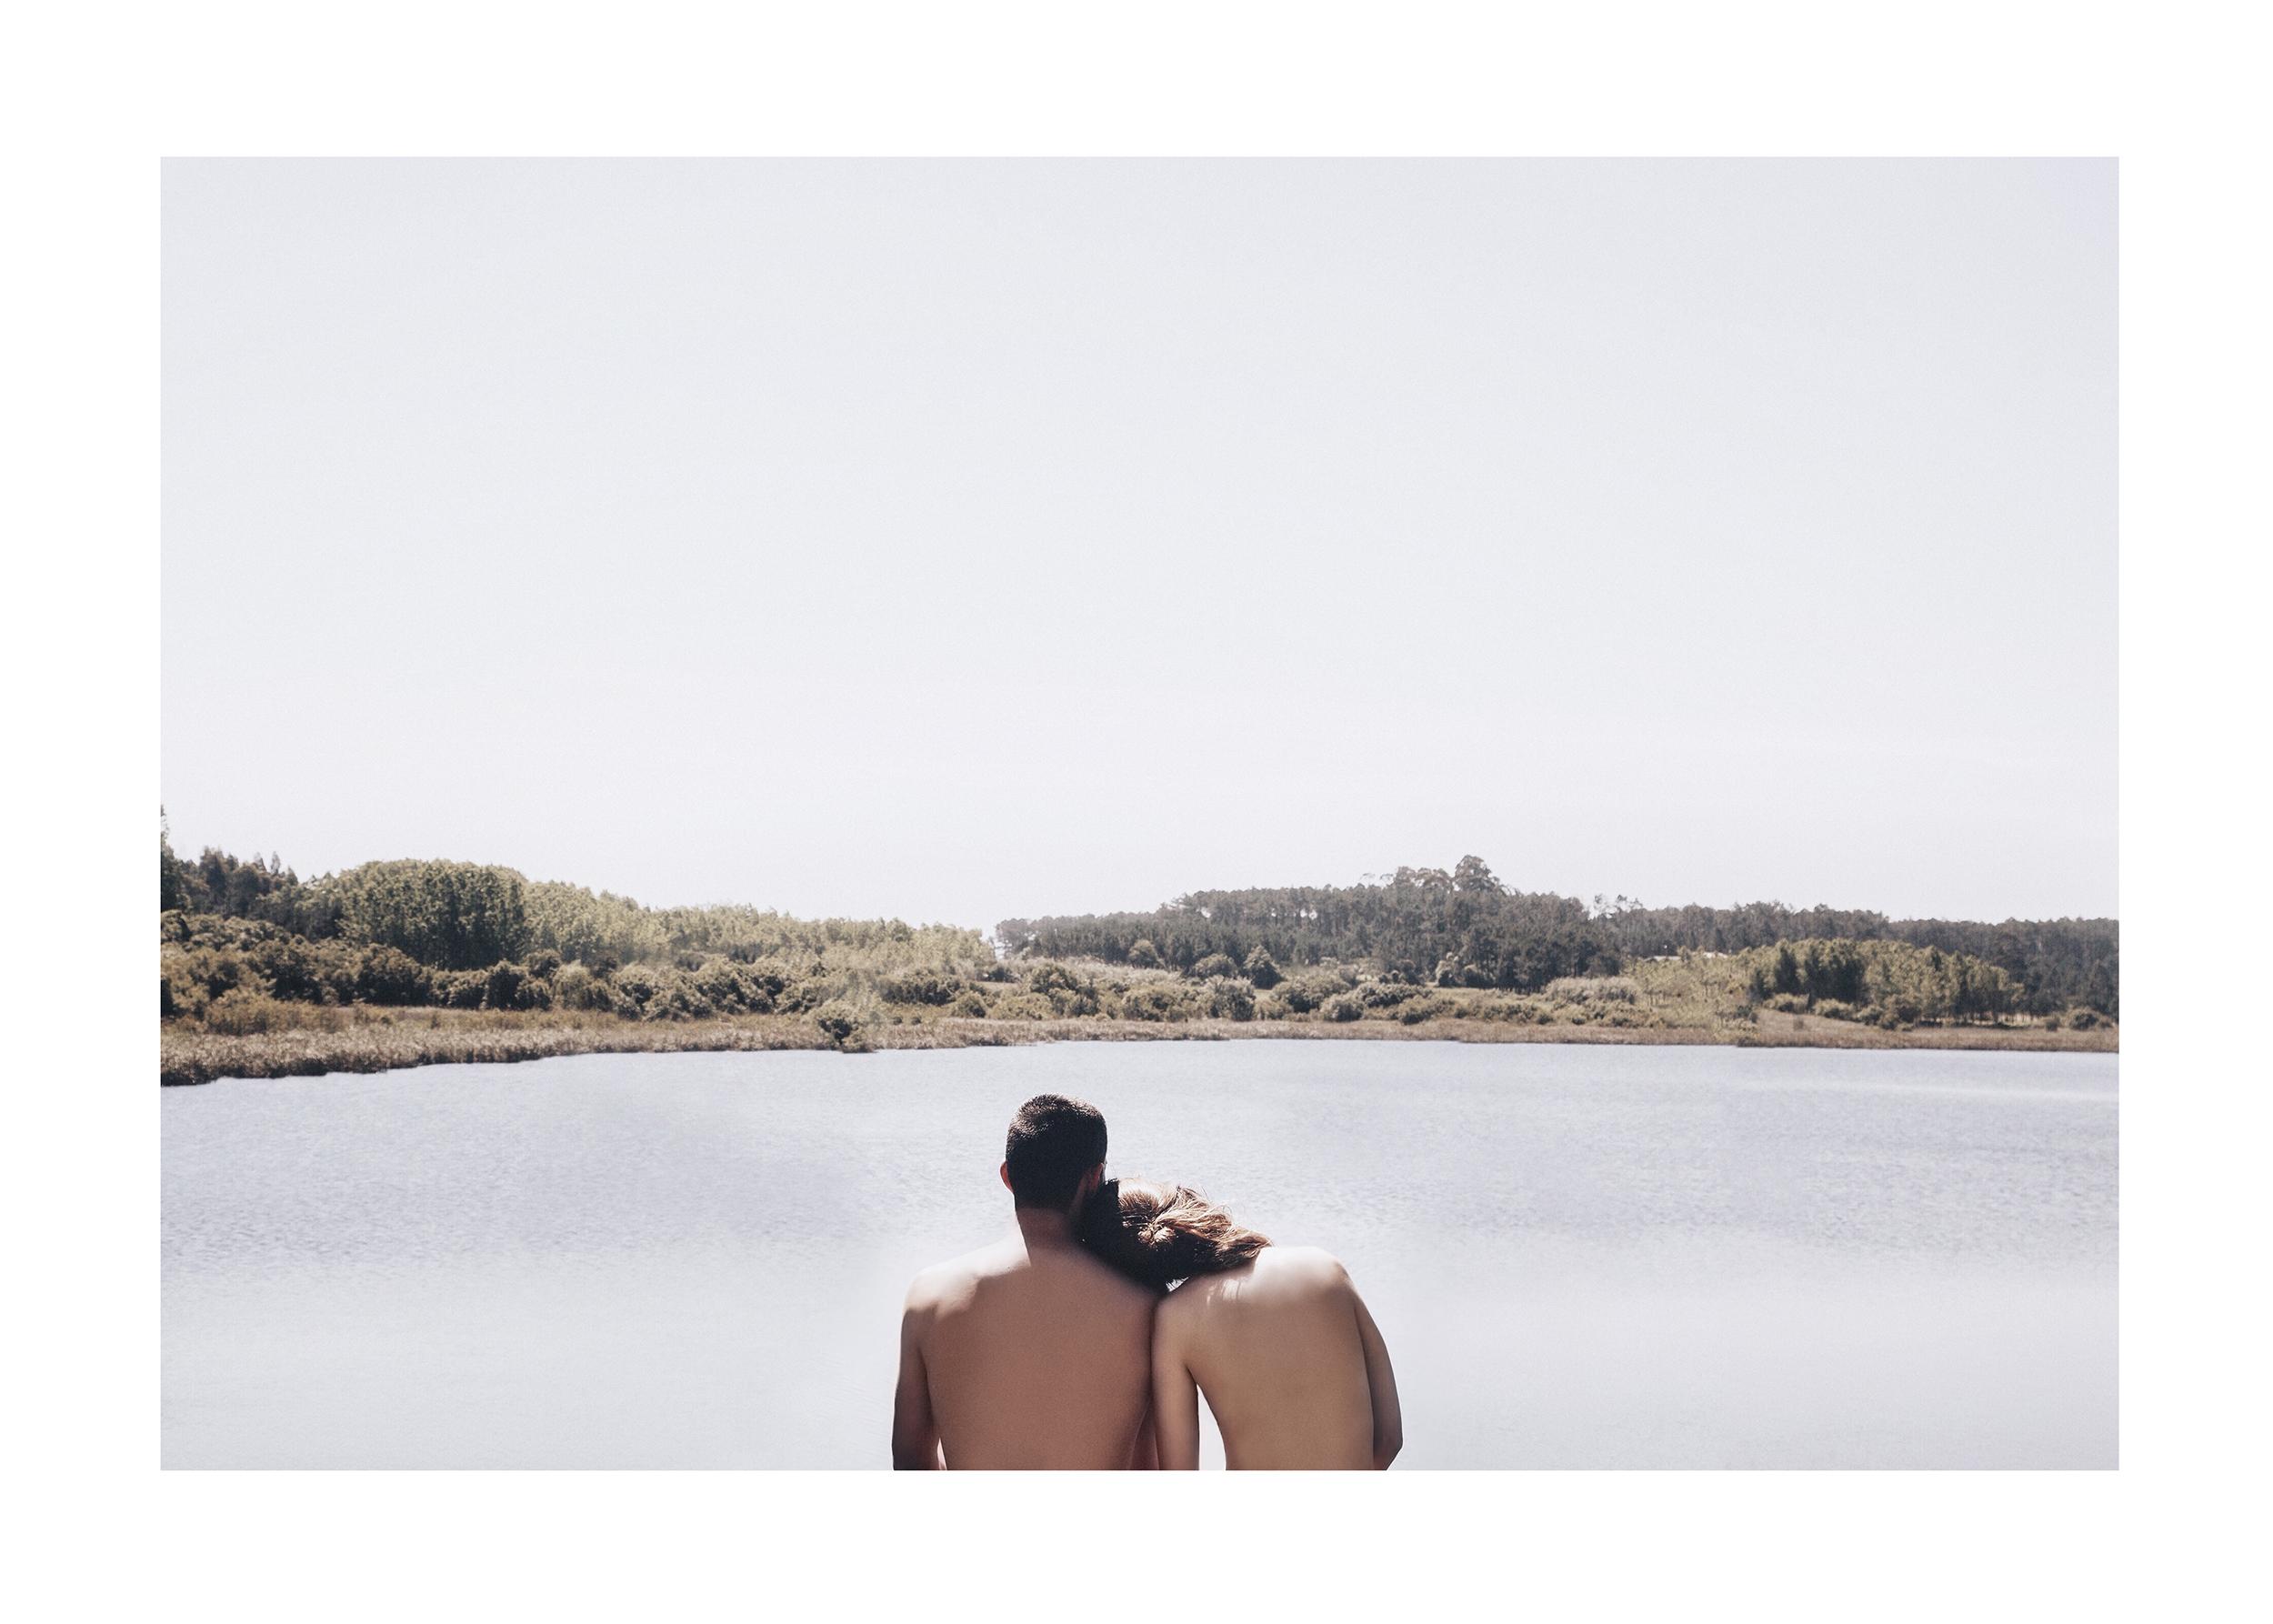 Eden By Diogo Oliveira